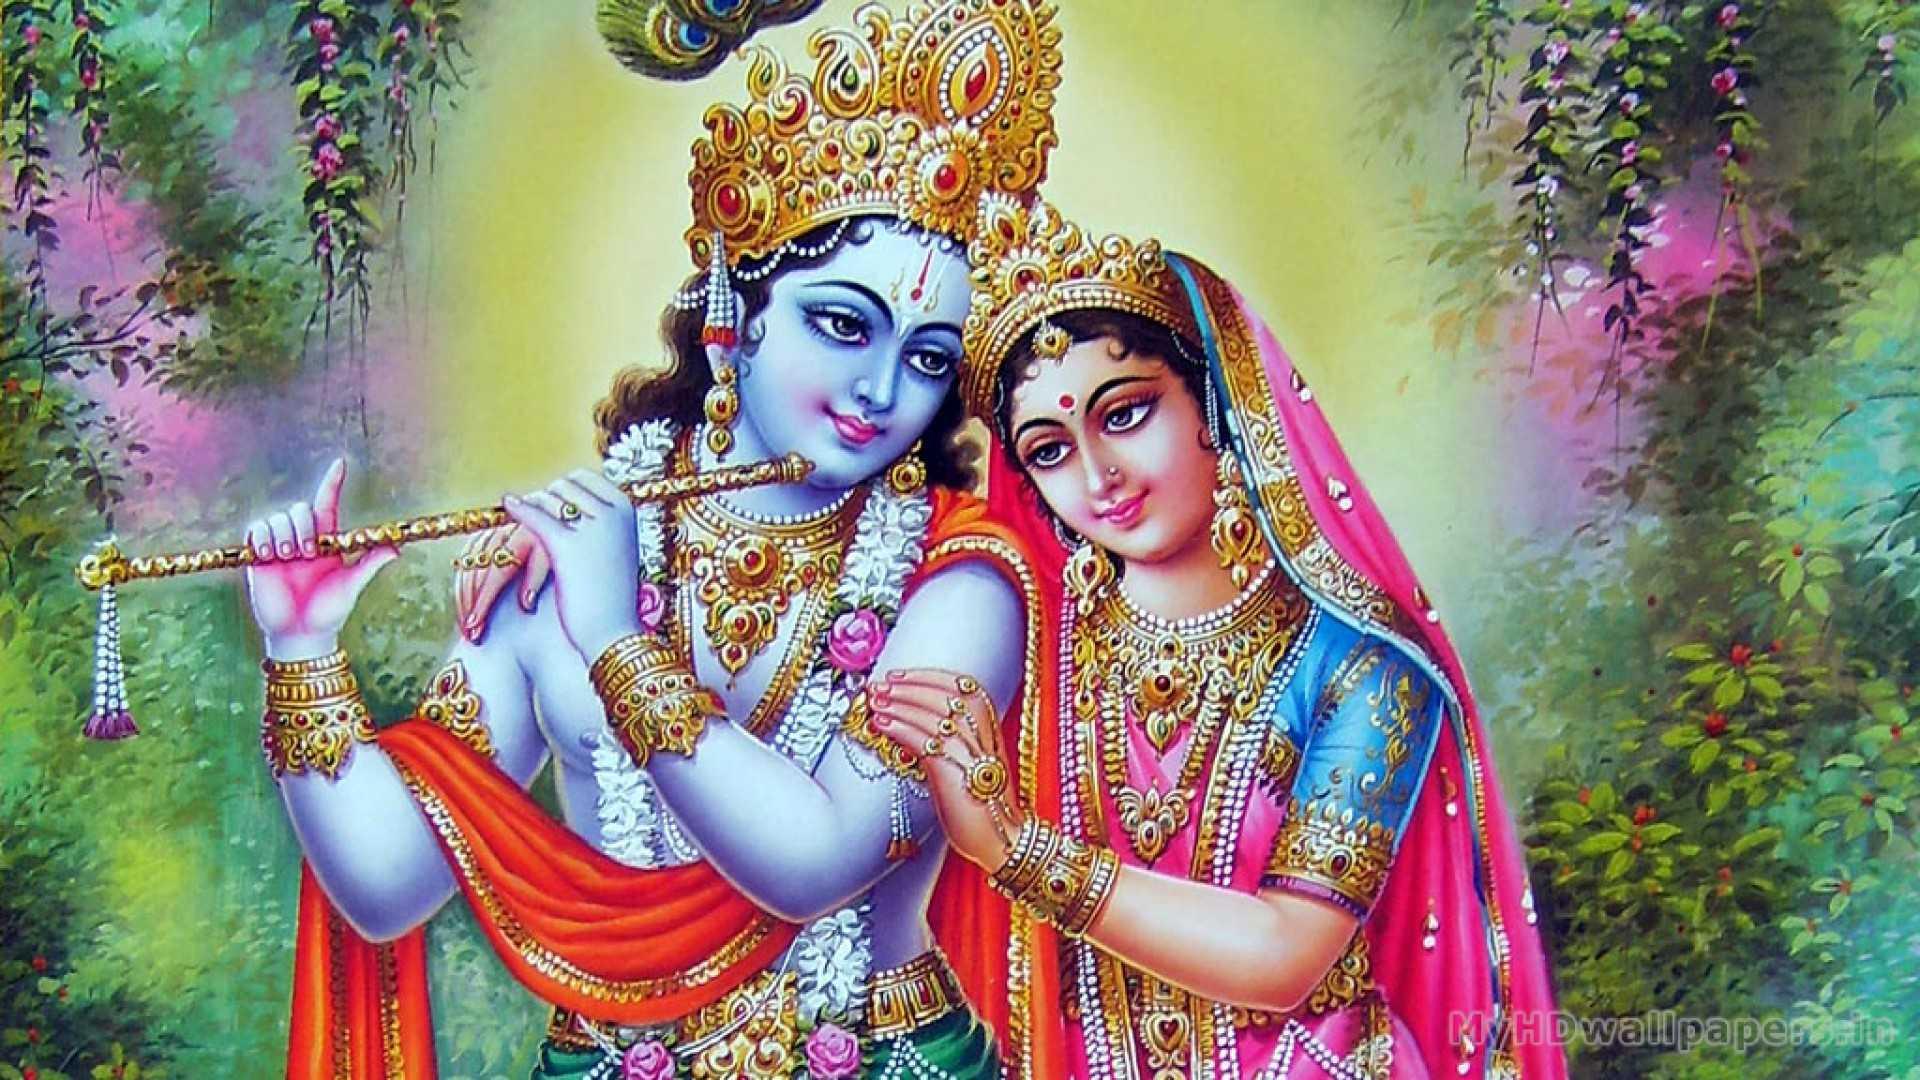 Hindu Radha Krishna Wallpaper | Krishna God Radha Pics - Lord Krishna Radha Pics in HD Format. Radha Krishna Ji HD Best Wallpaper. Full Size HD Images of God Krishna and Beautiful Radha Ji.